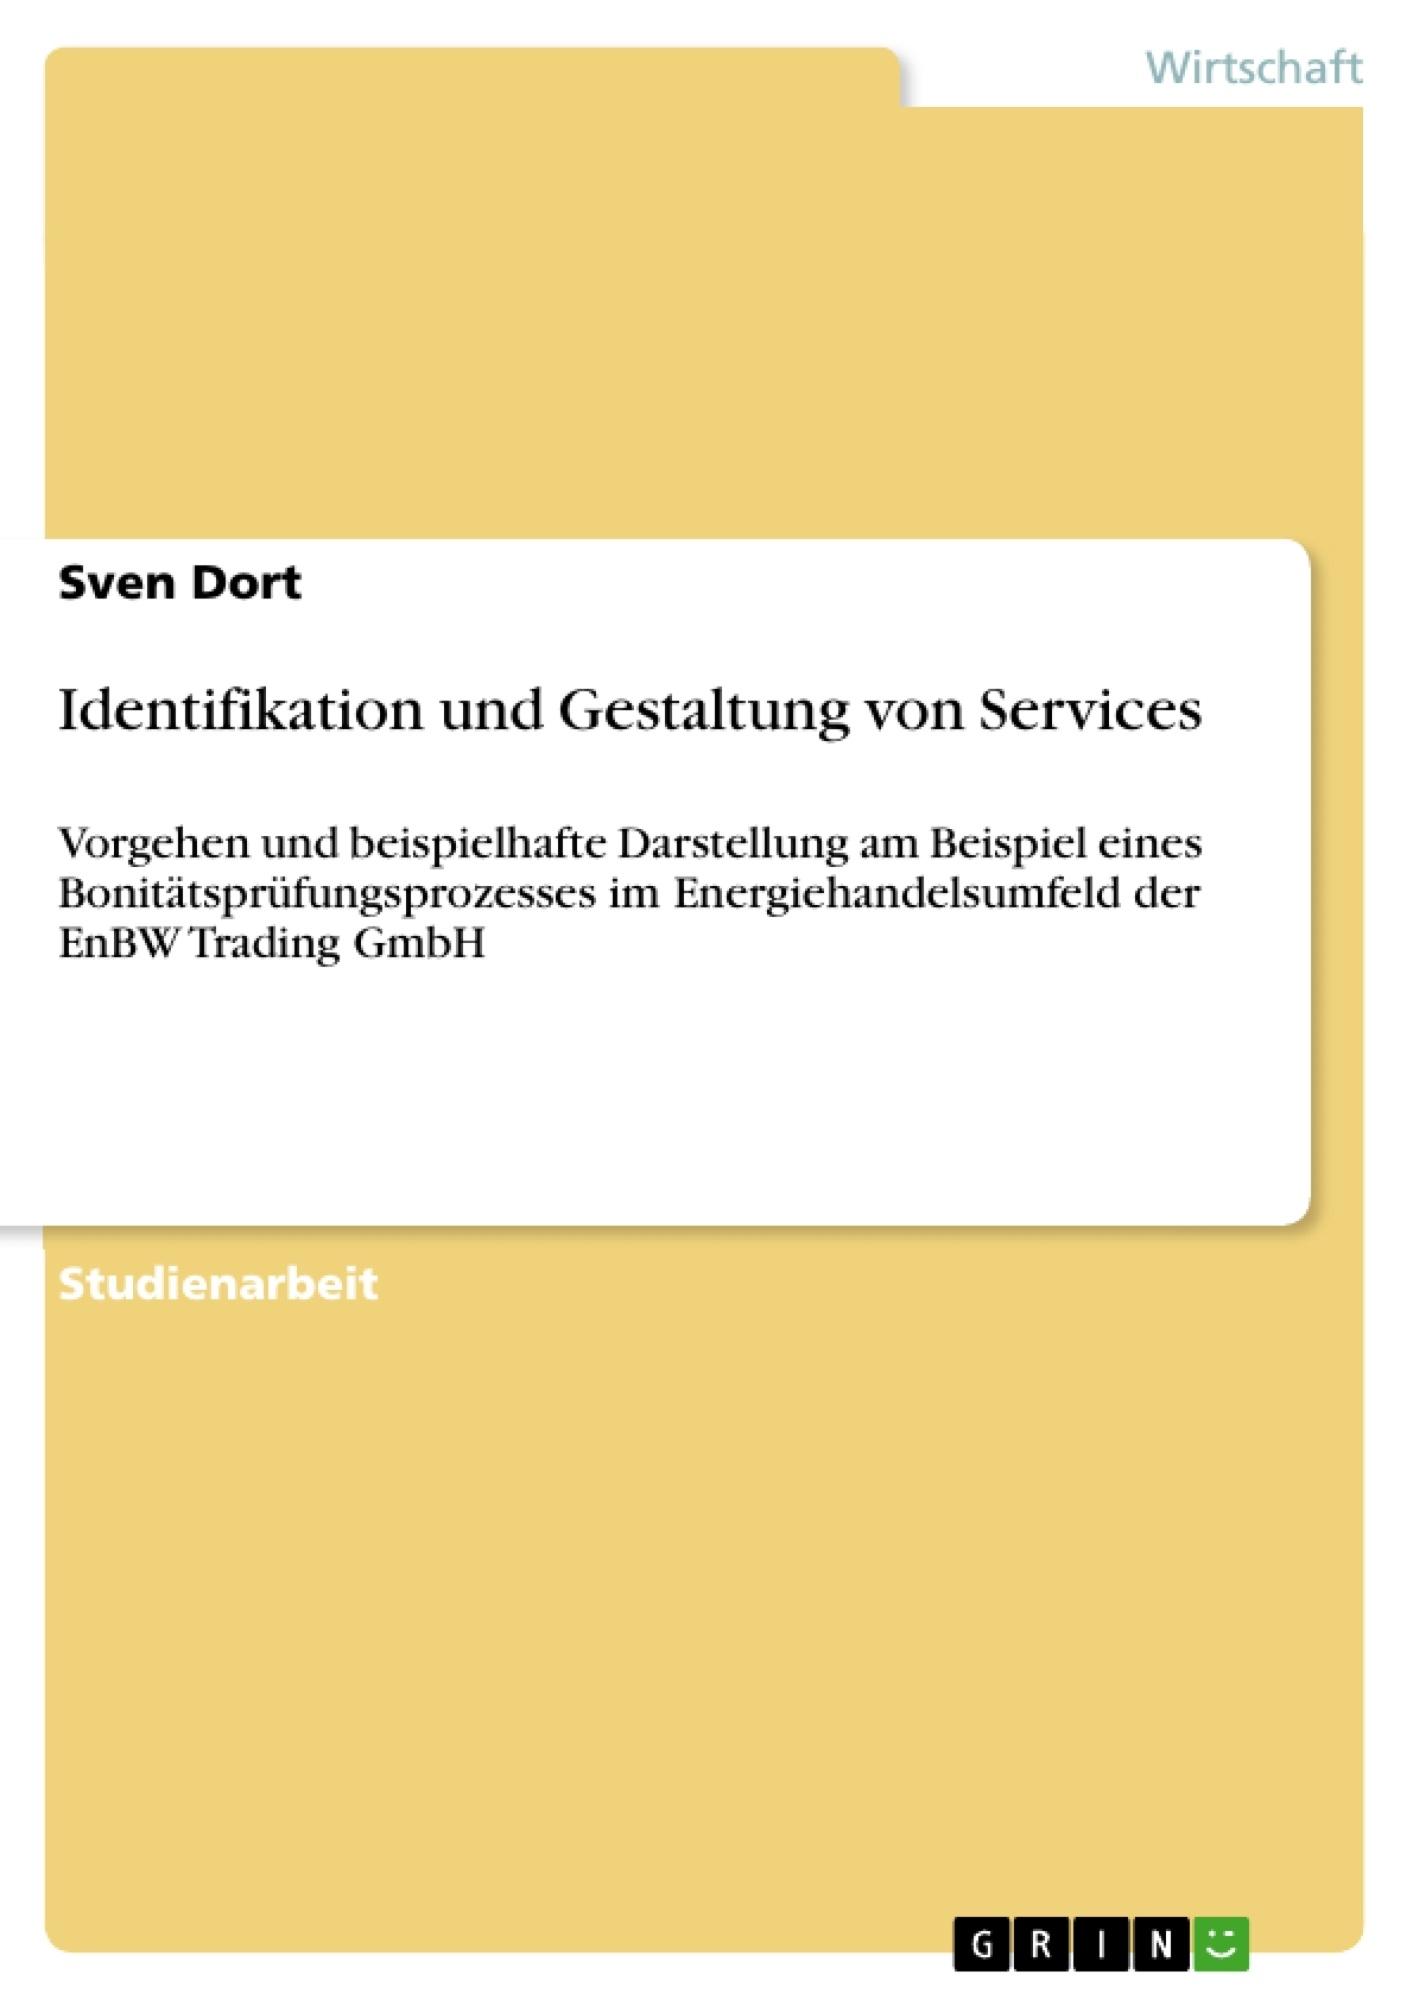 Titel: Identifikation und Gestaltung von Services